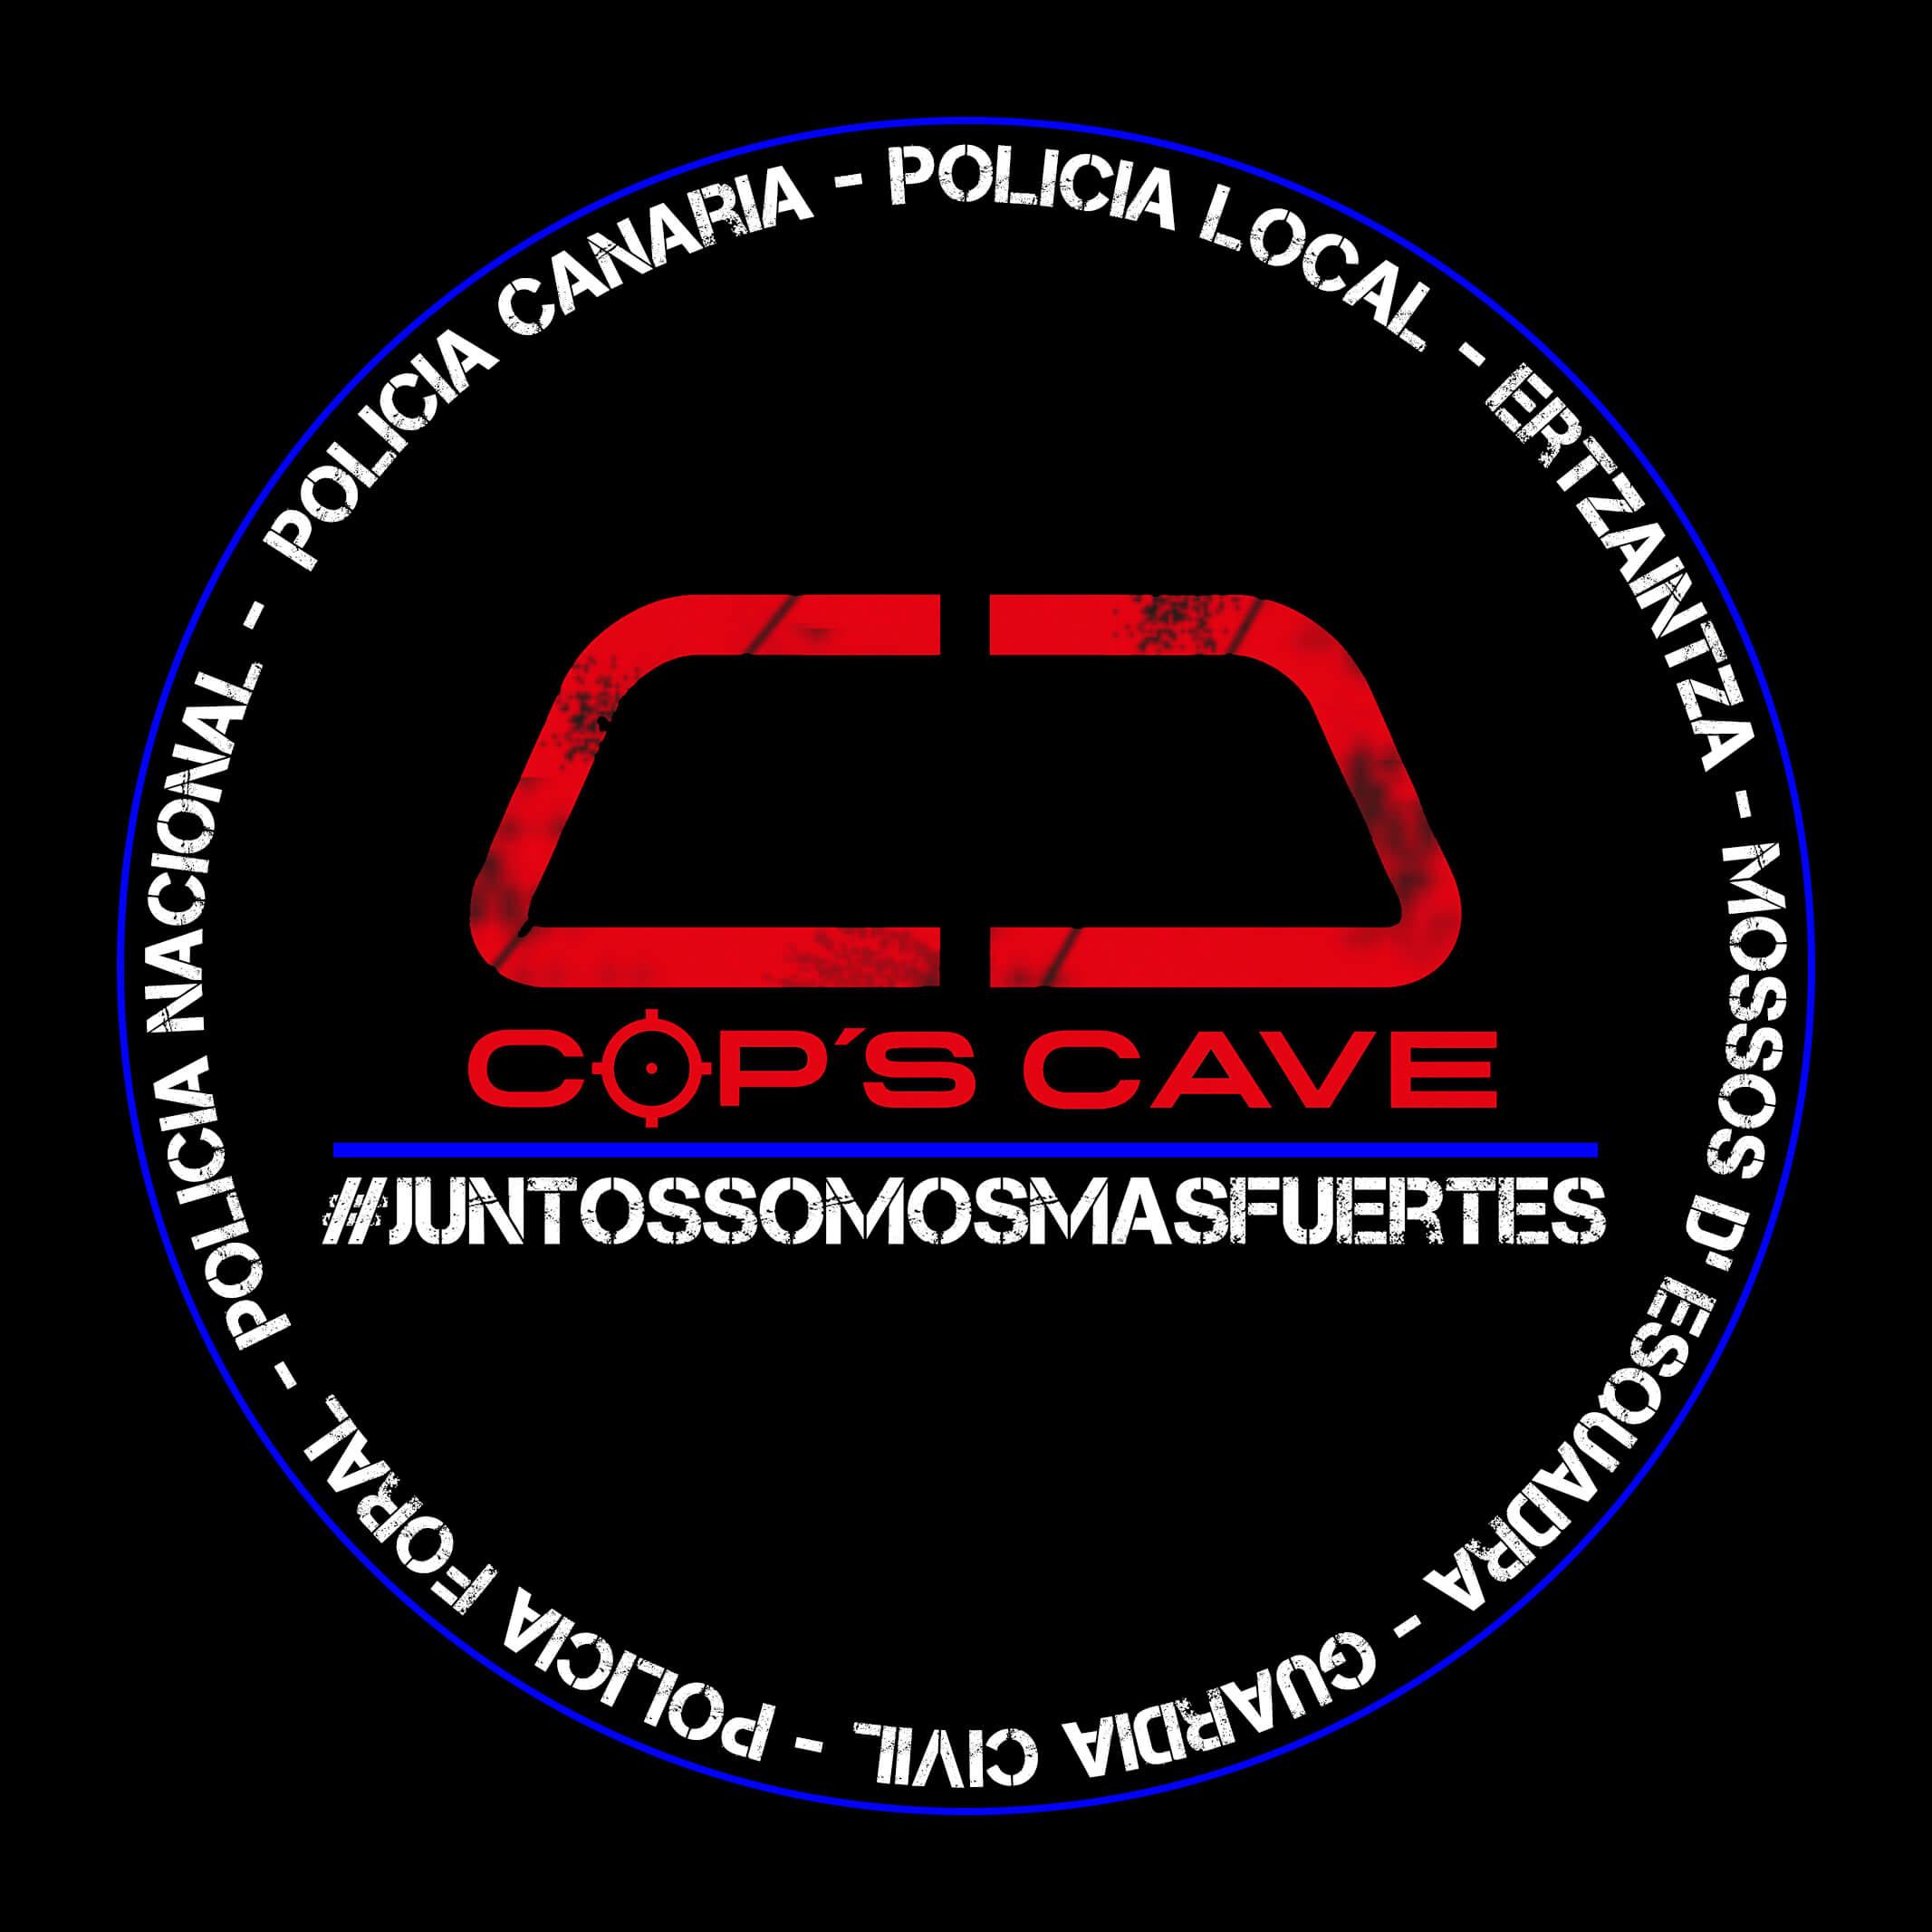 Cop's Cave